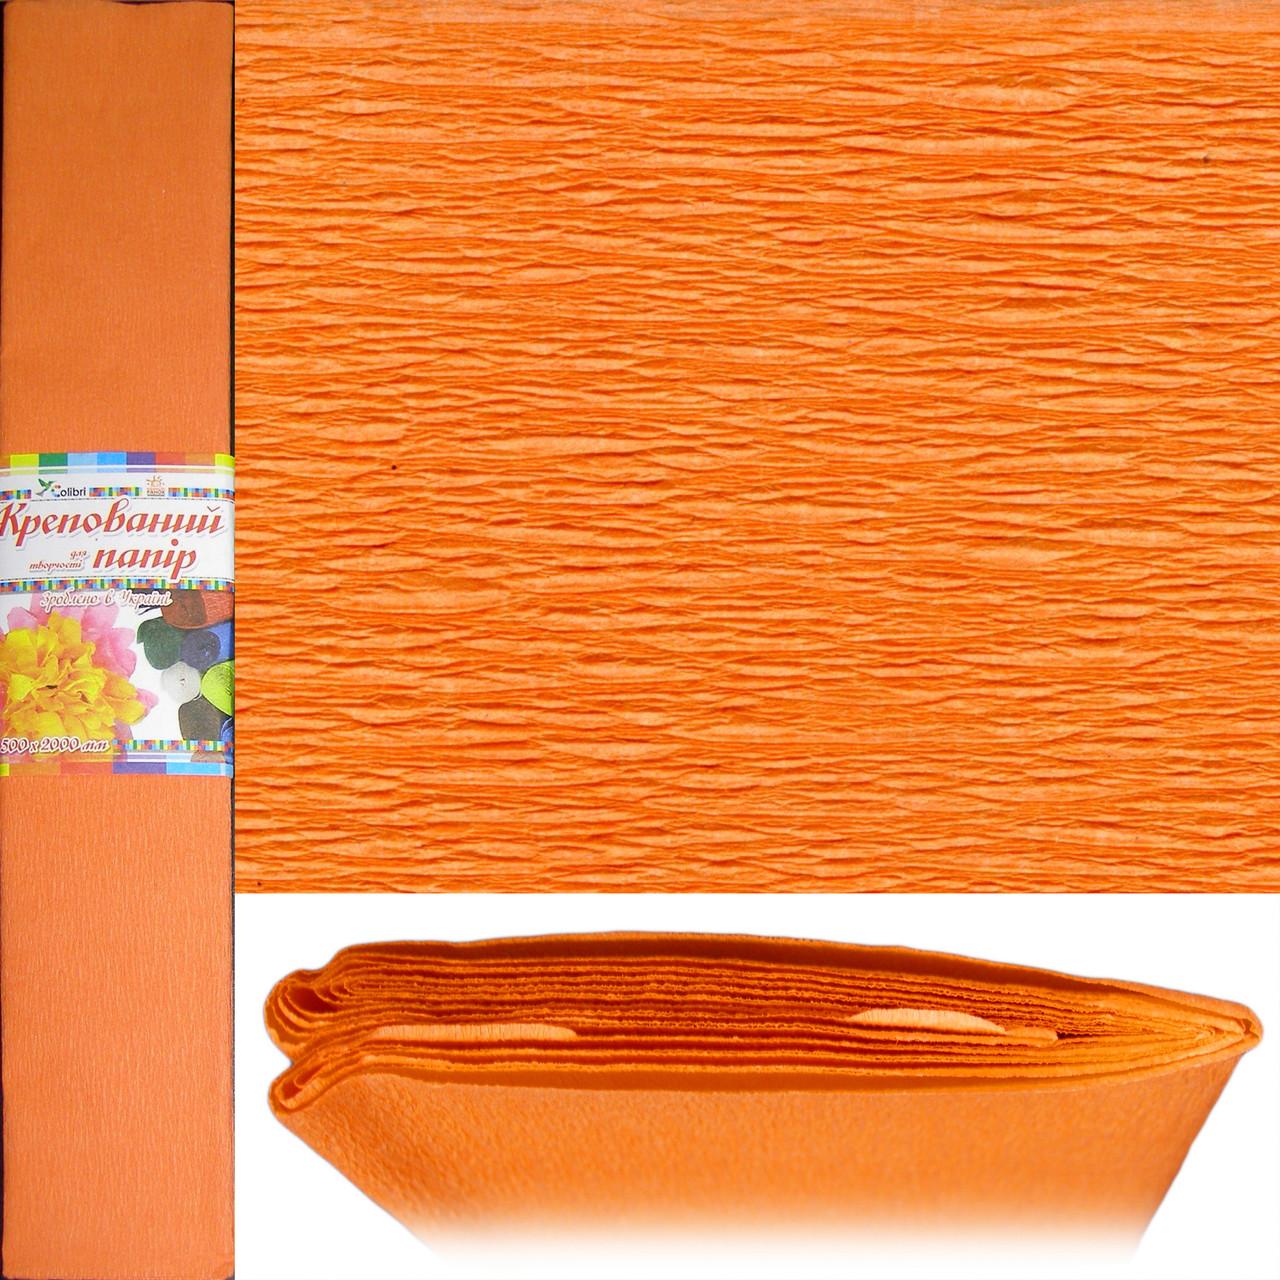 Бумага КРЕПИРОВАНАЯ- 50*200см., цвета в ассортименте Украина, ОРАНЖЕВЫЙ